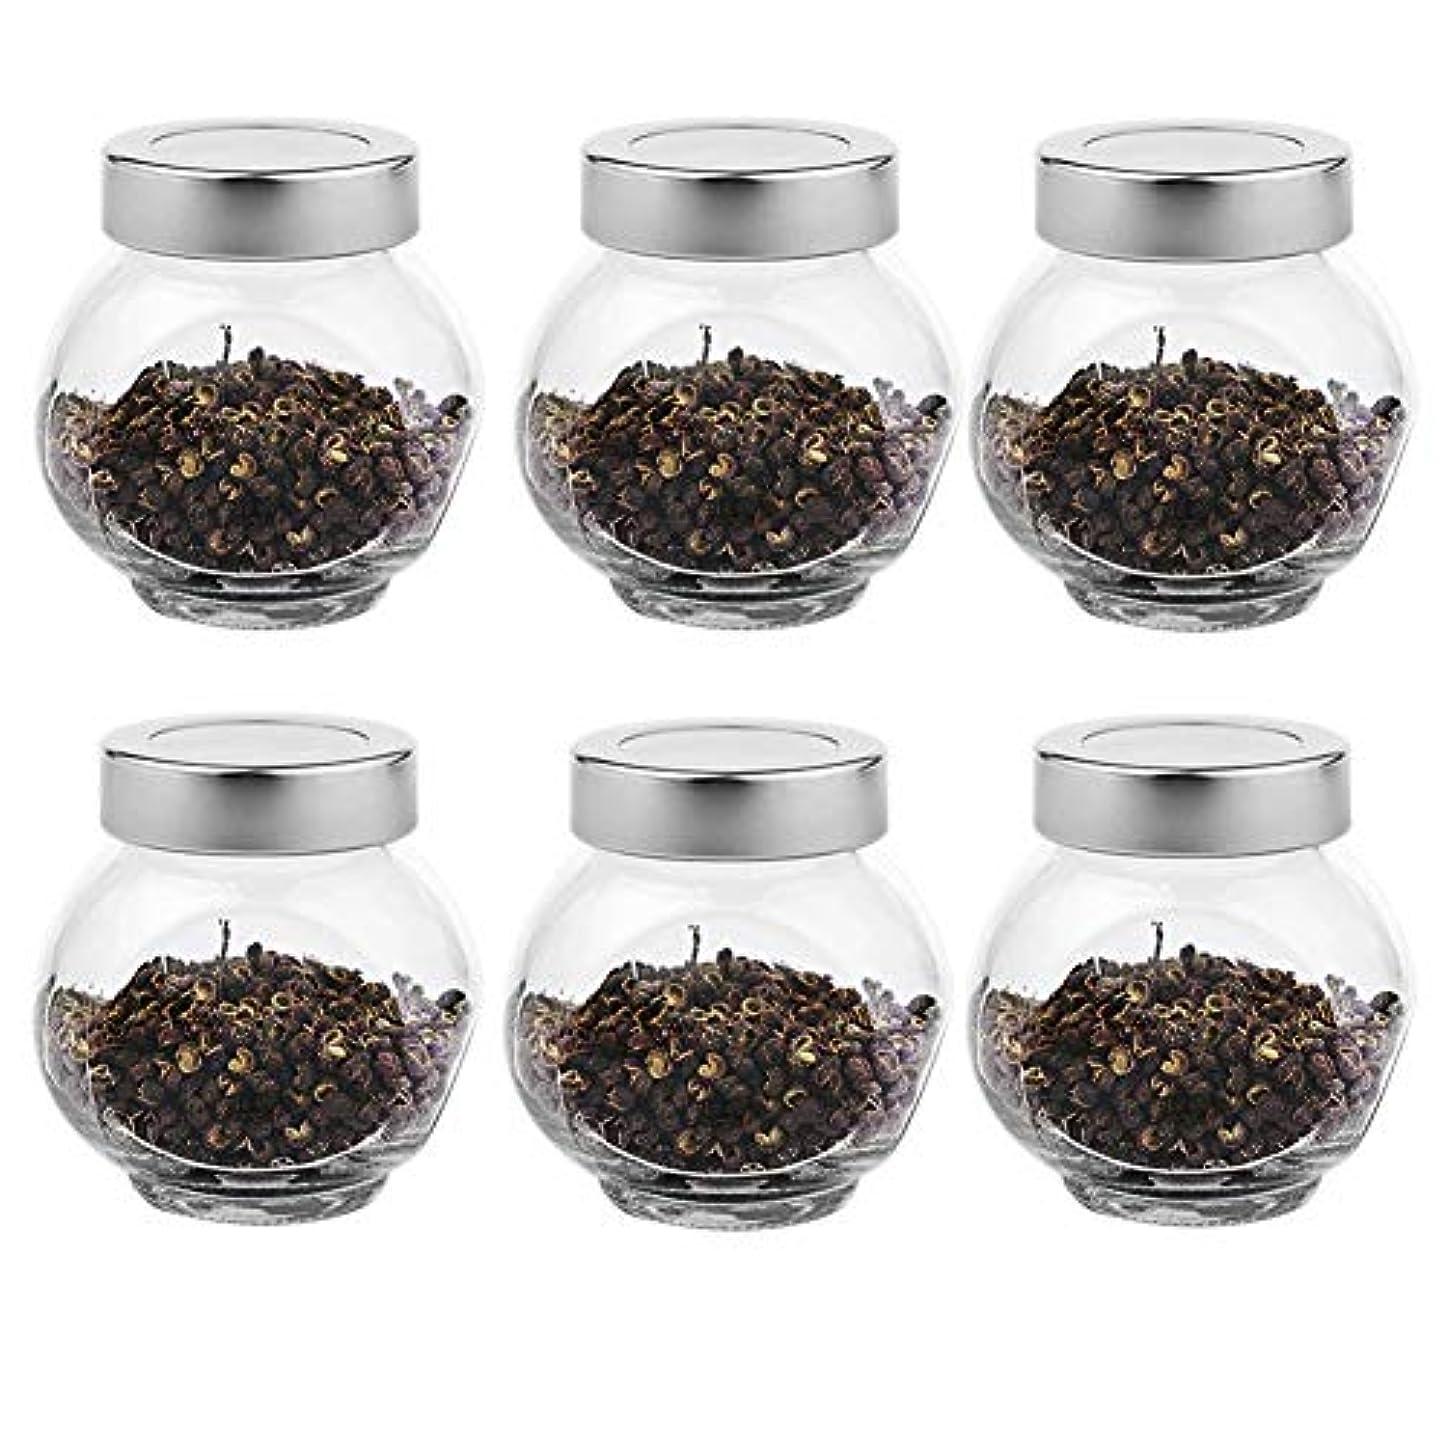 スーパーウィスキー誤6つの透明ガラス貯蔵容器茶/季節密封缶(200 ml)の貯蔵ジャーパック